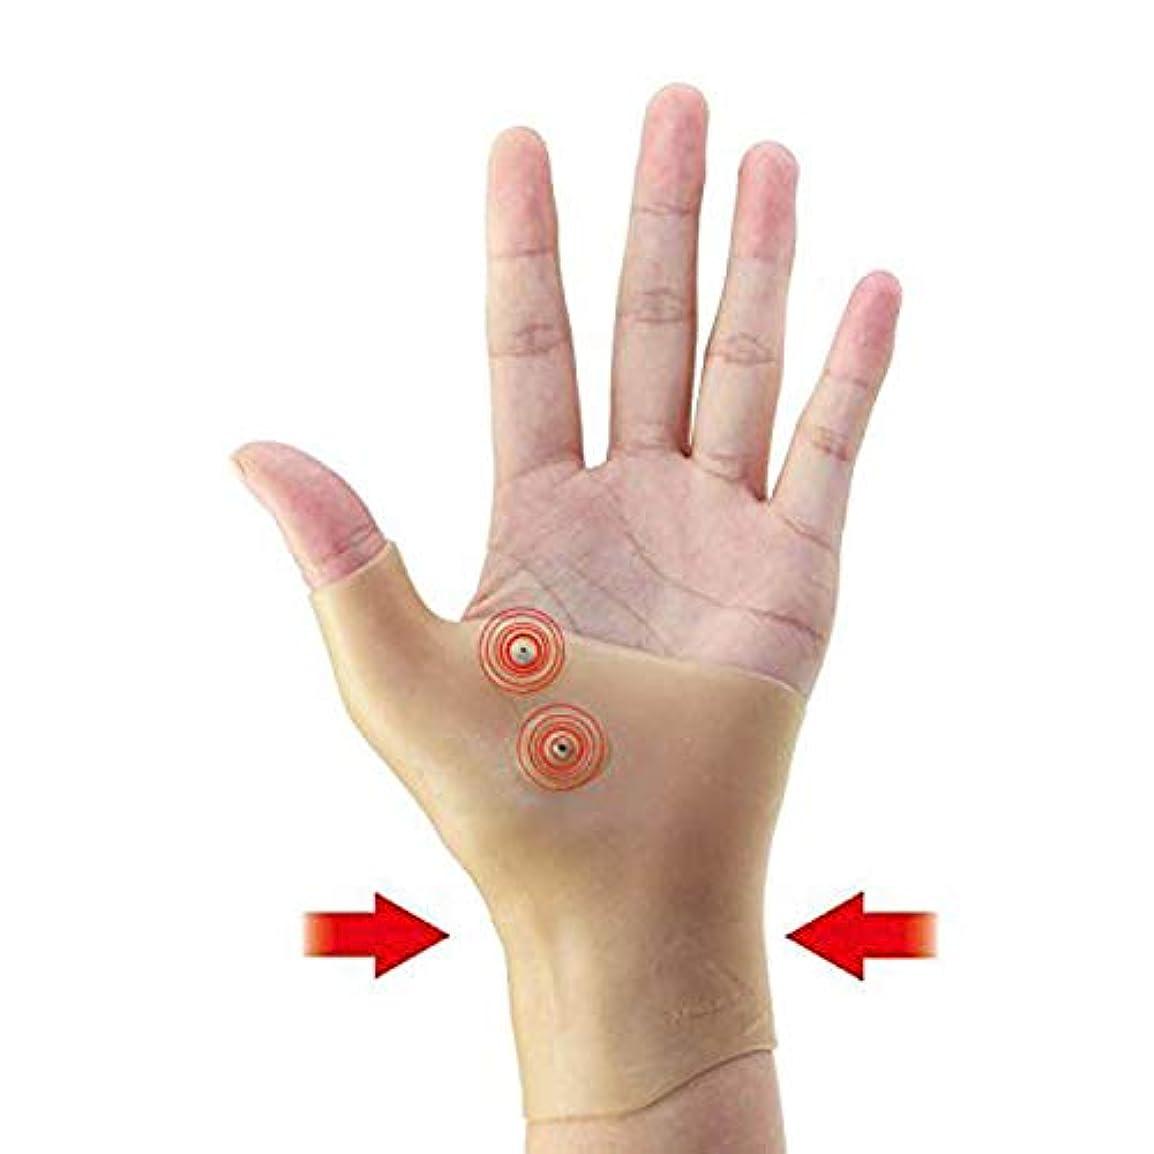 薬手紙を書く関税磁気 圧縮手袋 - Delaman 指なし 手袋、健康手袋、圧着効果、疲労減少、健康関節、磁気療法、手首サポーター、ユニセックス